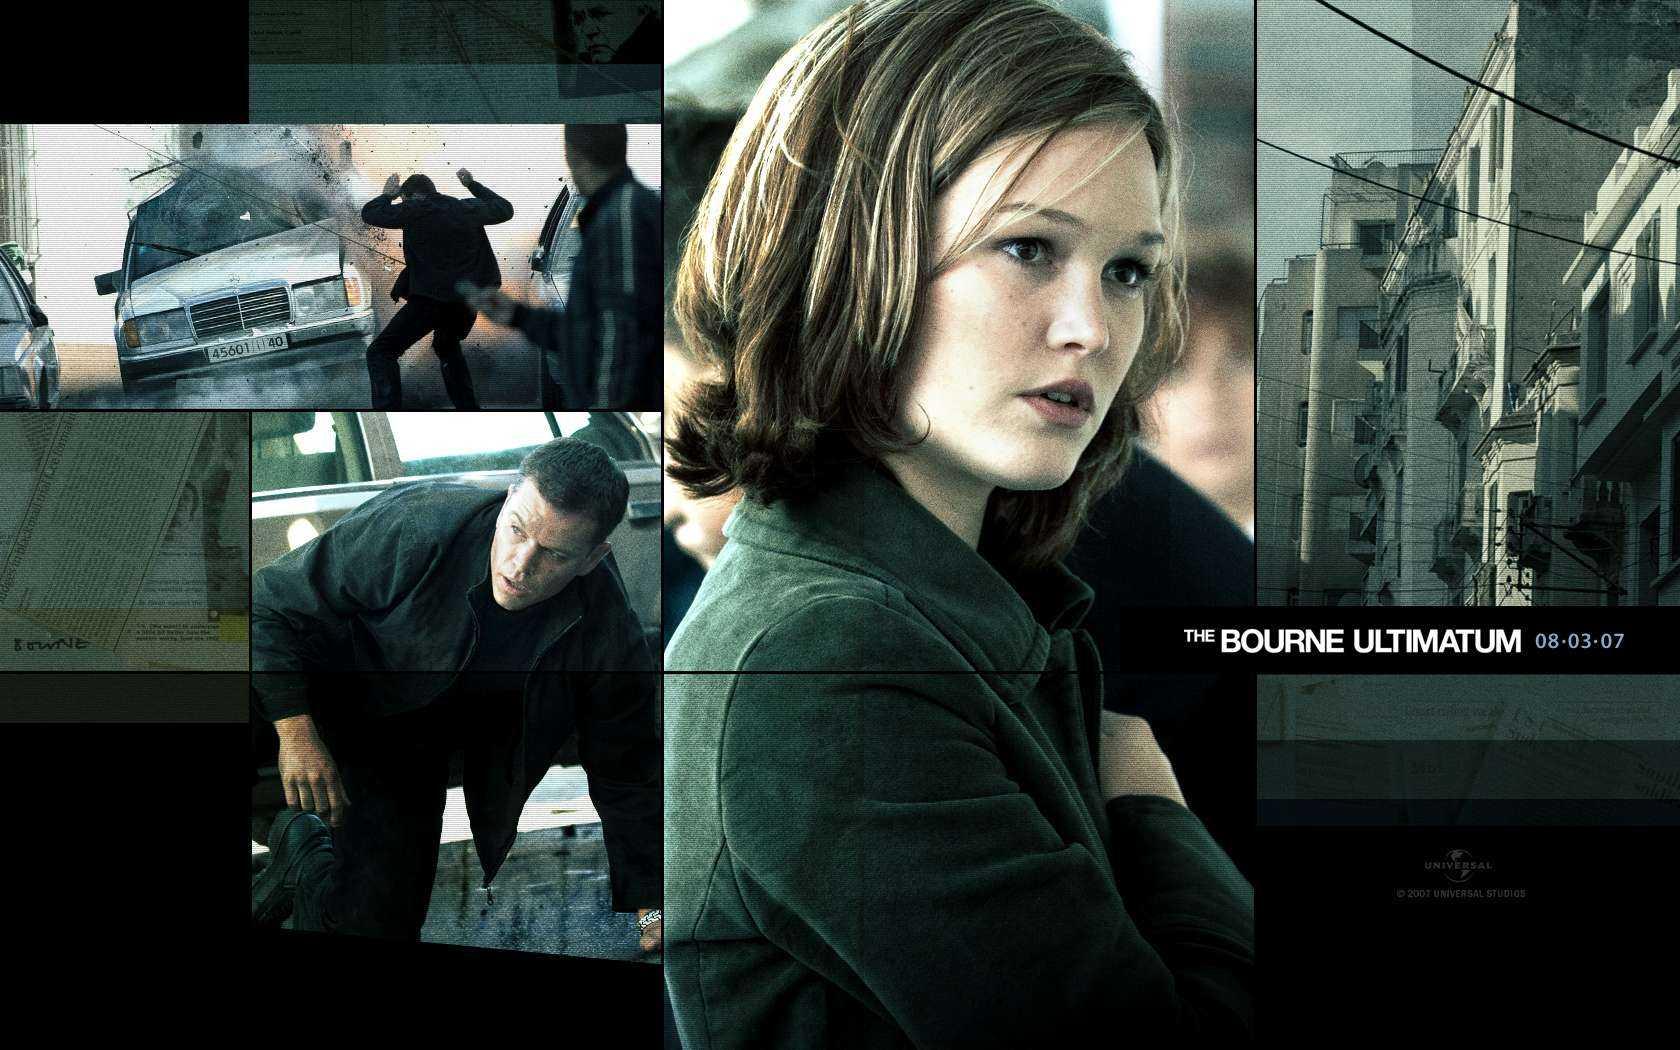 Bourne 02